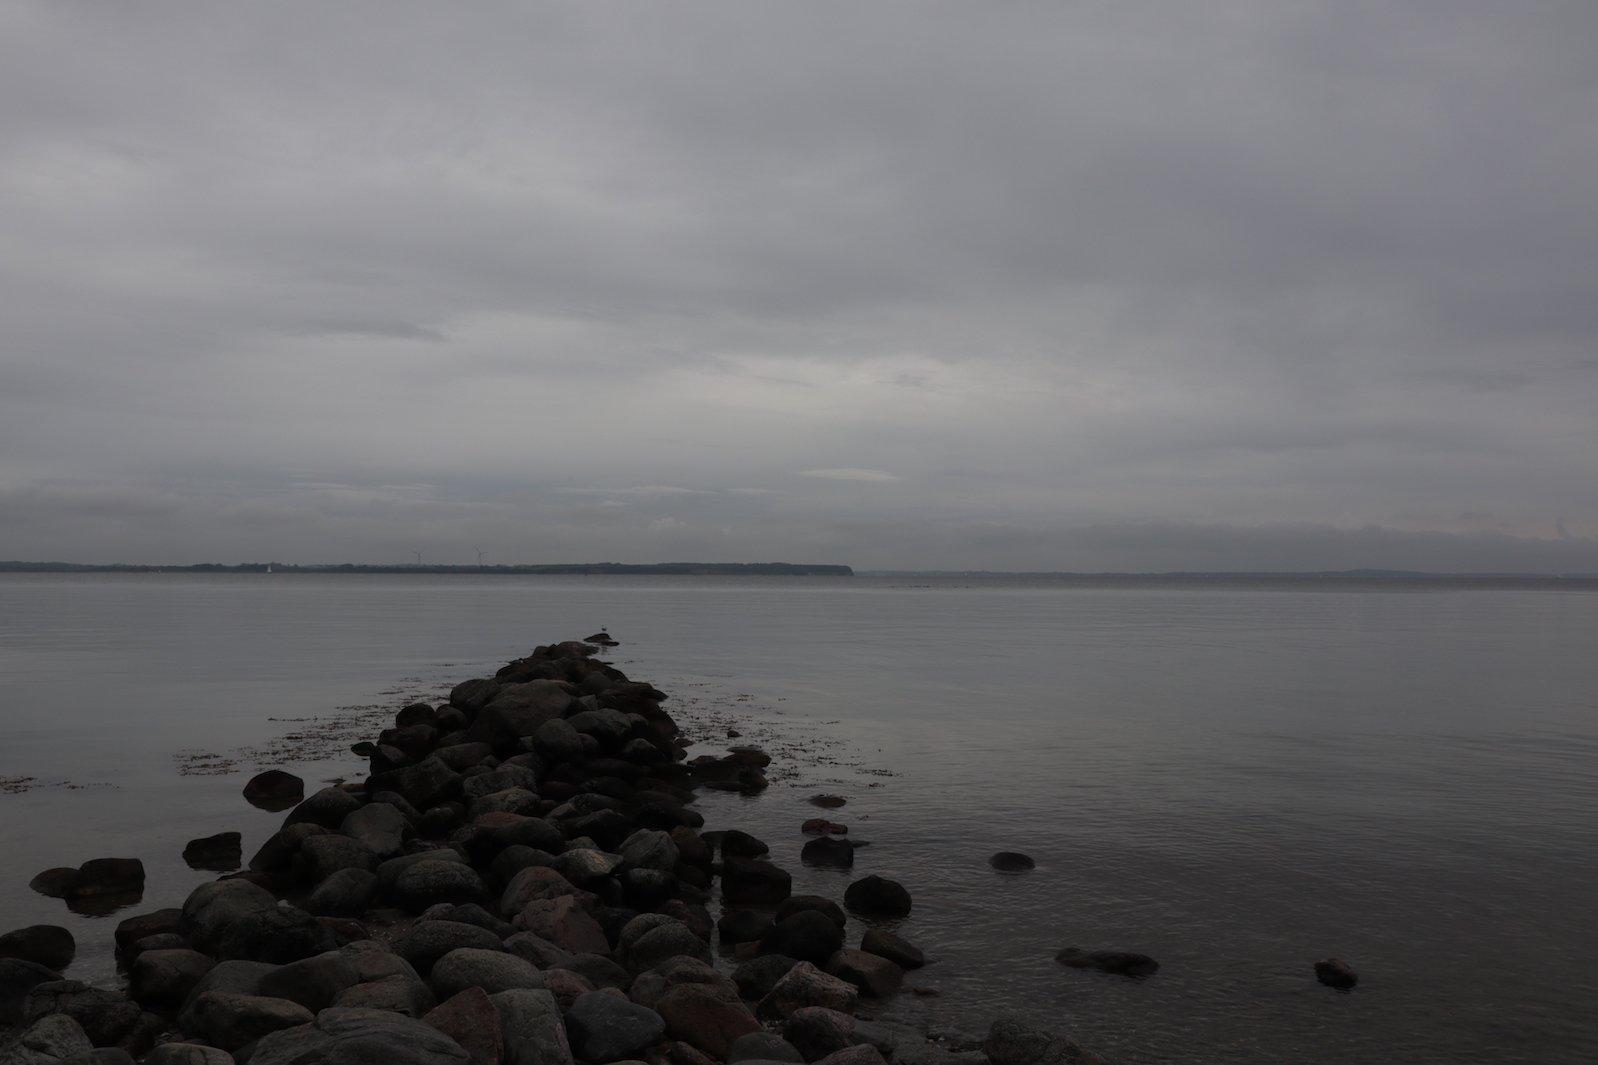 Der Weg führt ins Meer